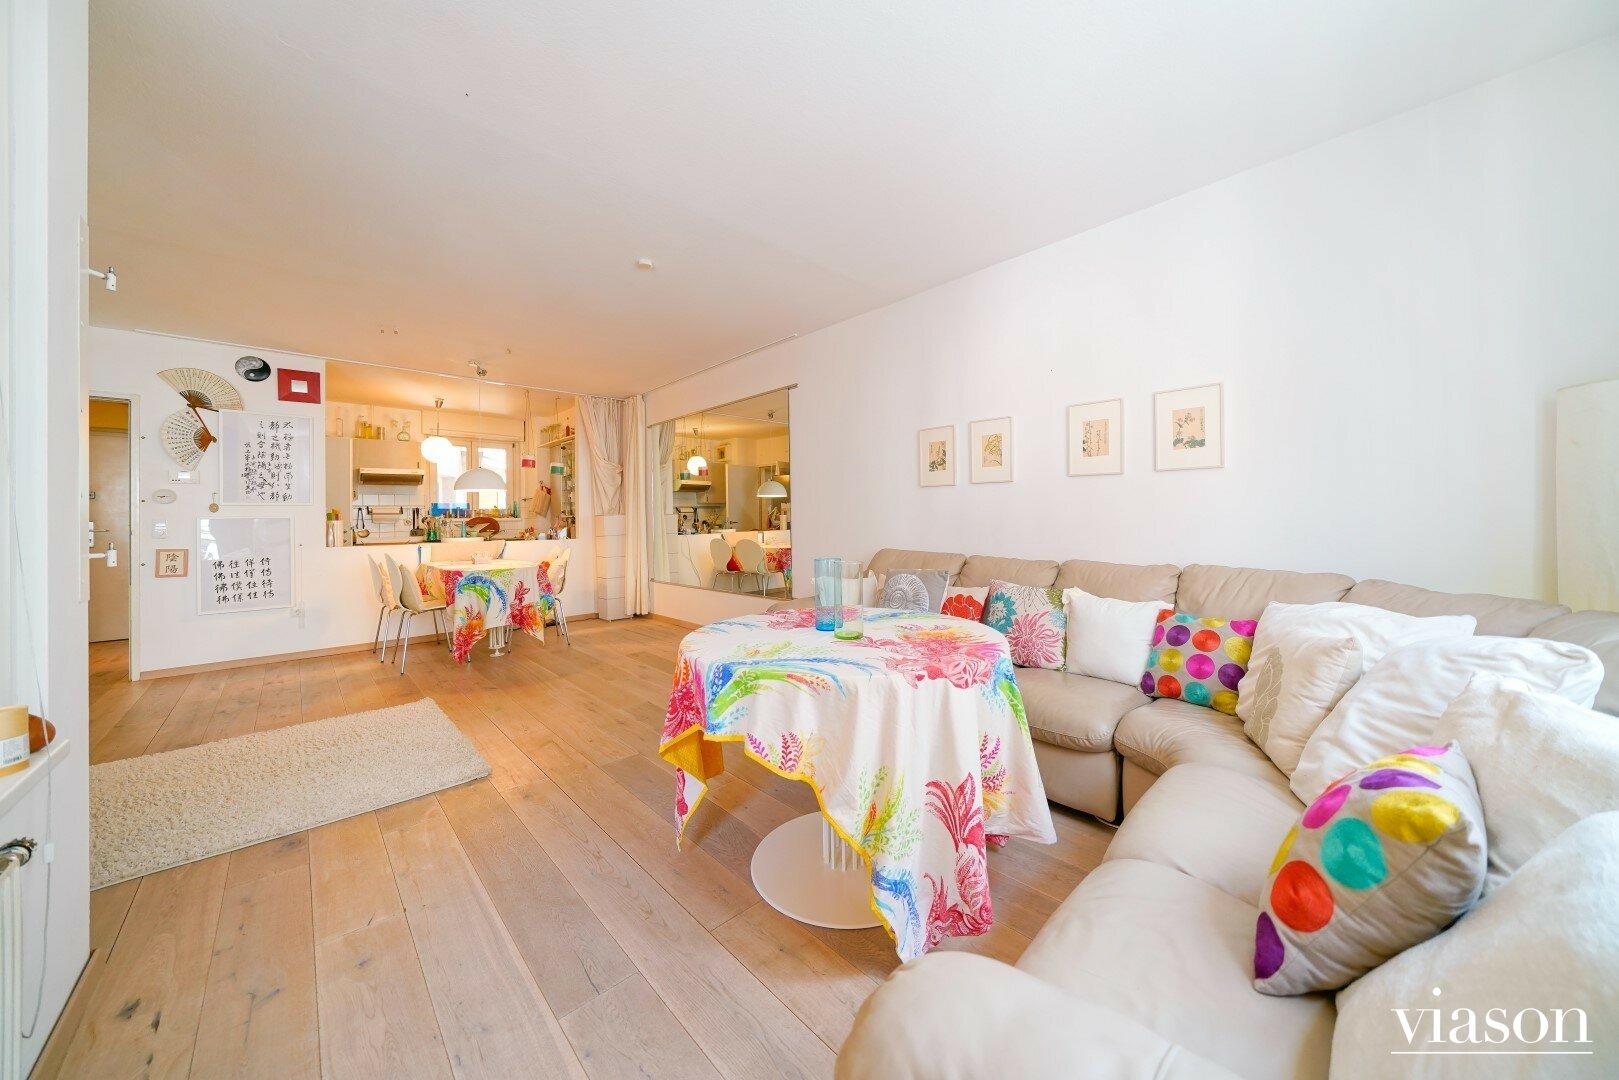 Wohnzimmer - Blick zur Küche